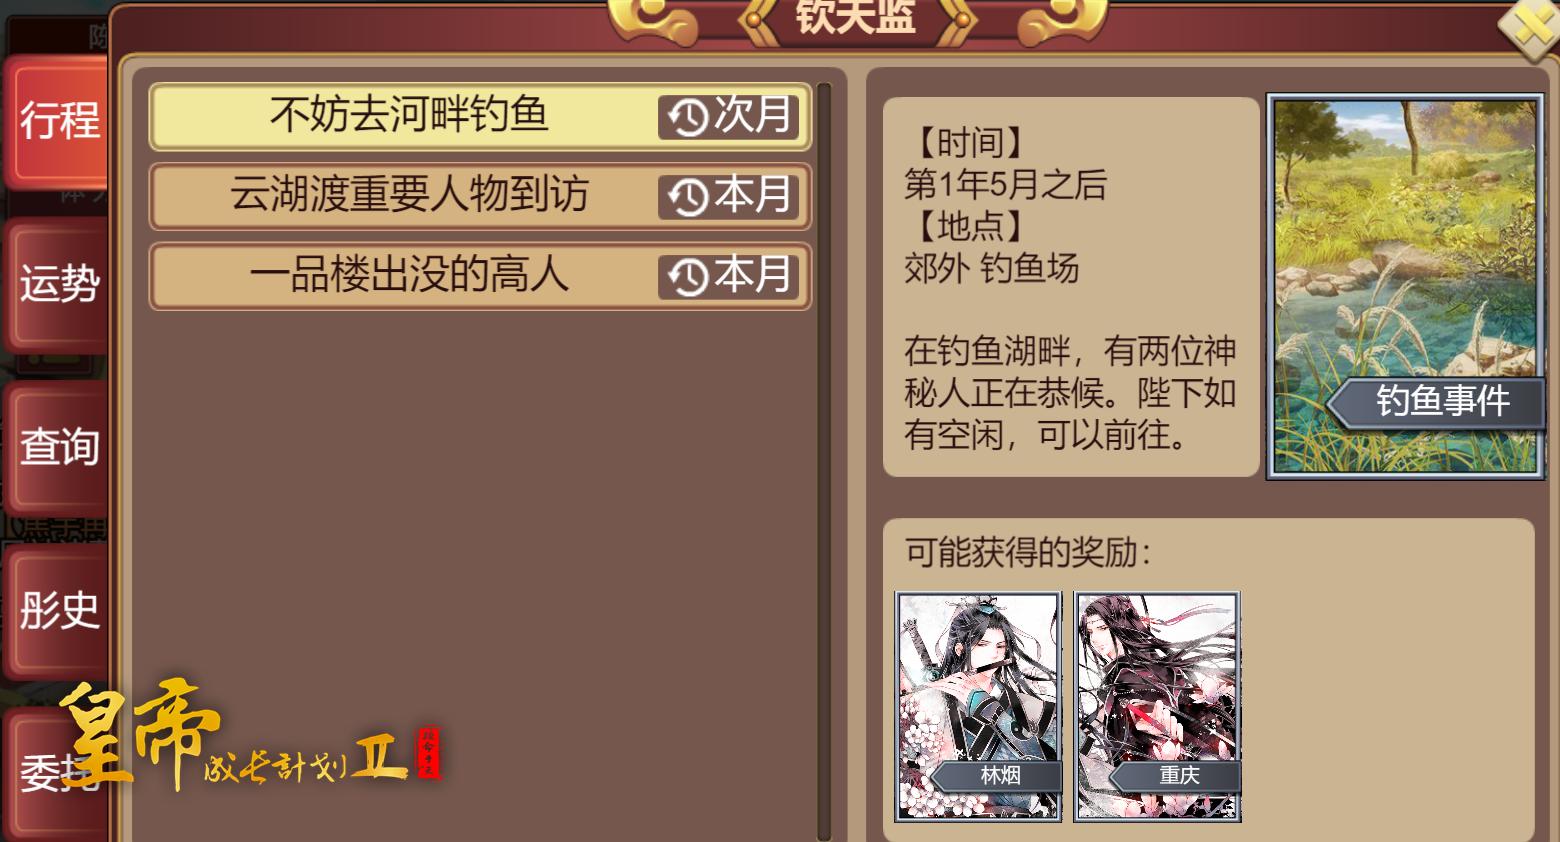 【6月3日更新】六月采风活动上线,宋太祖重置天命开放